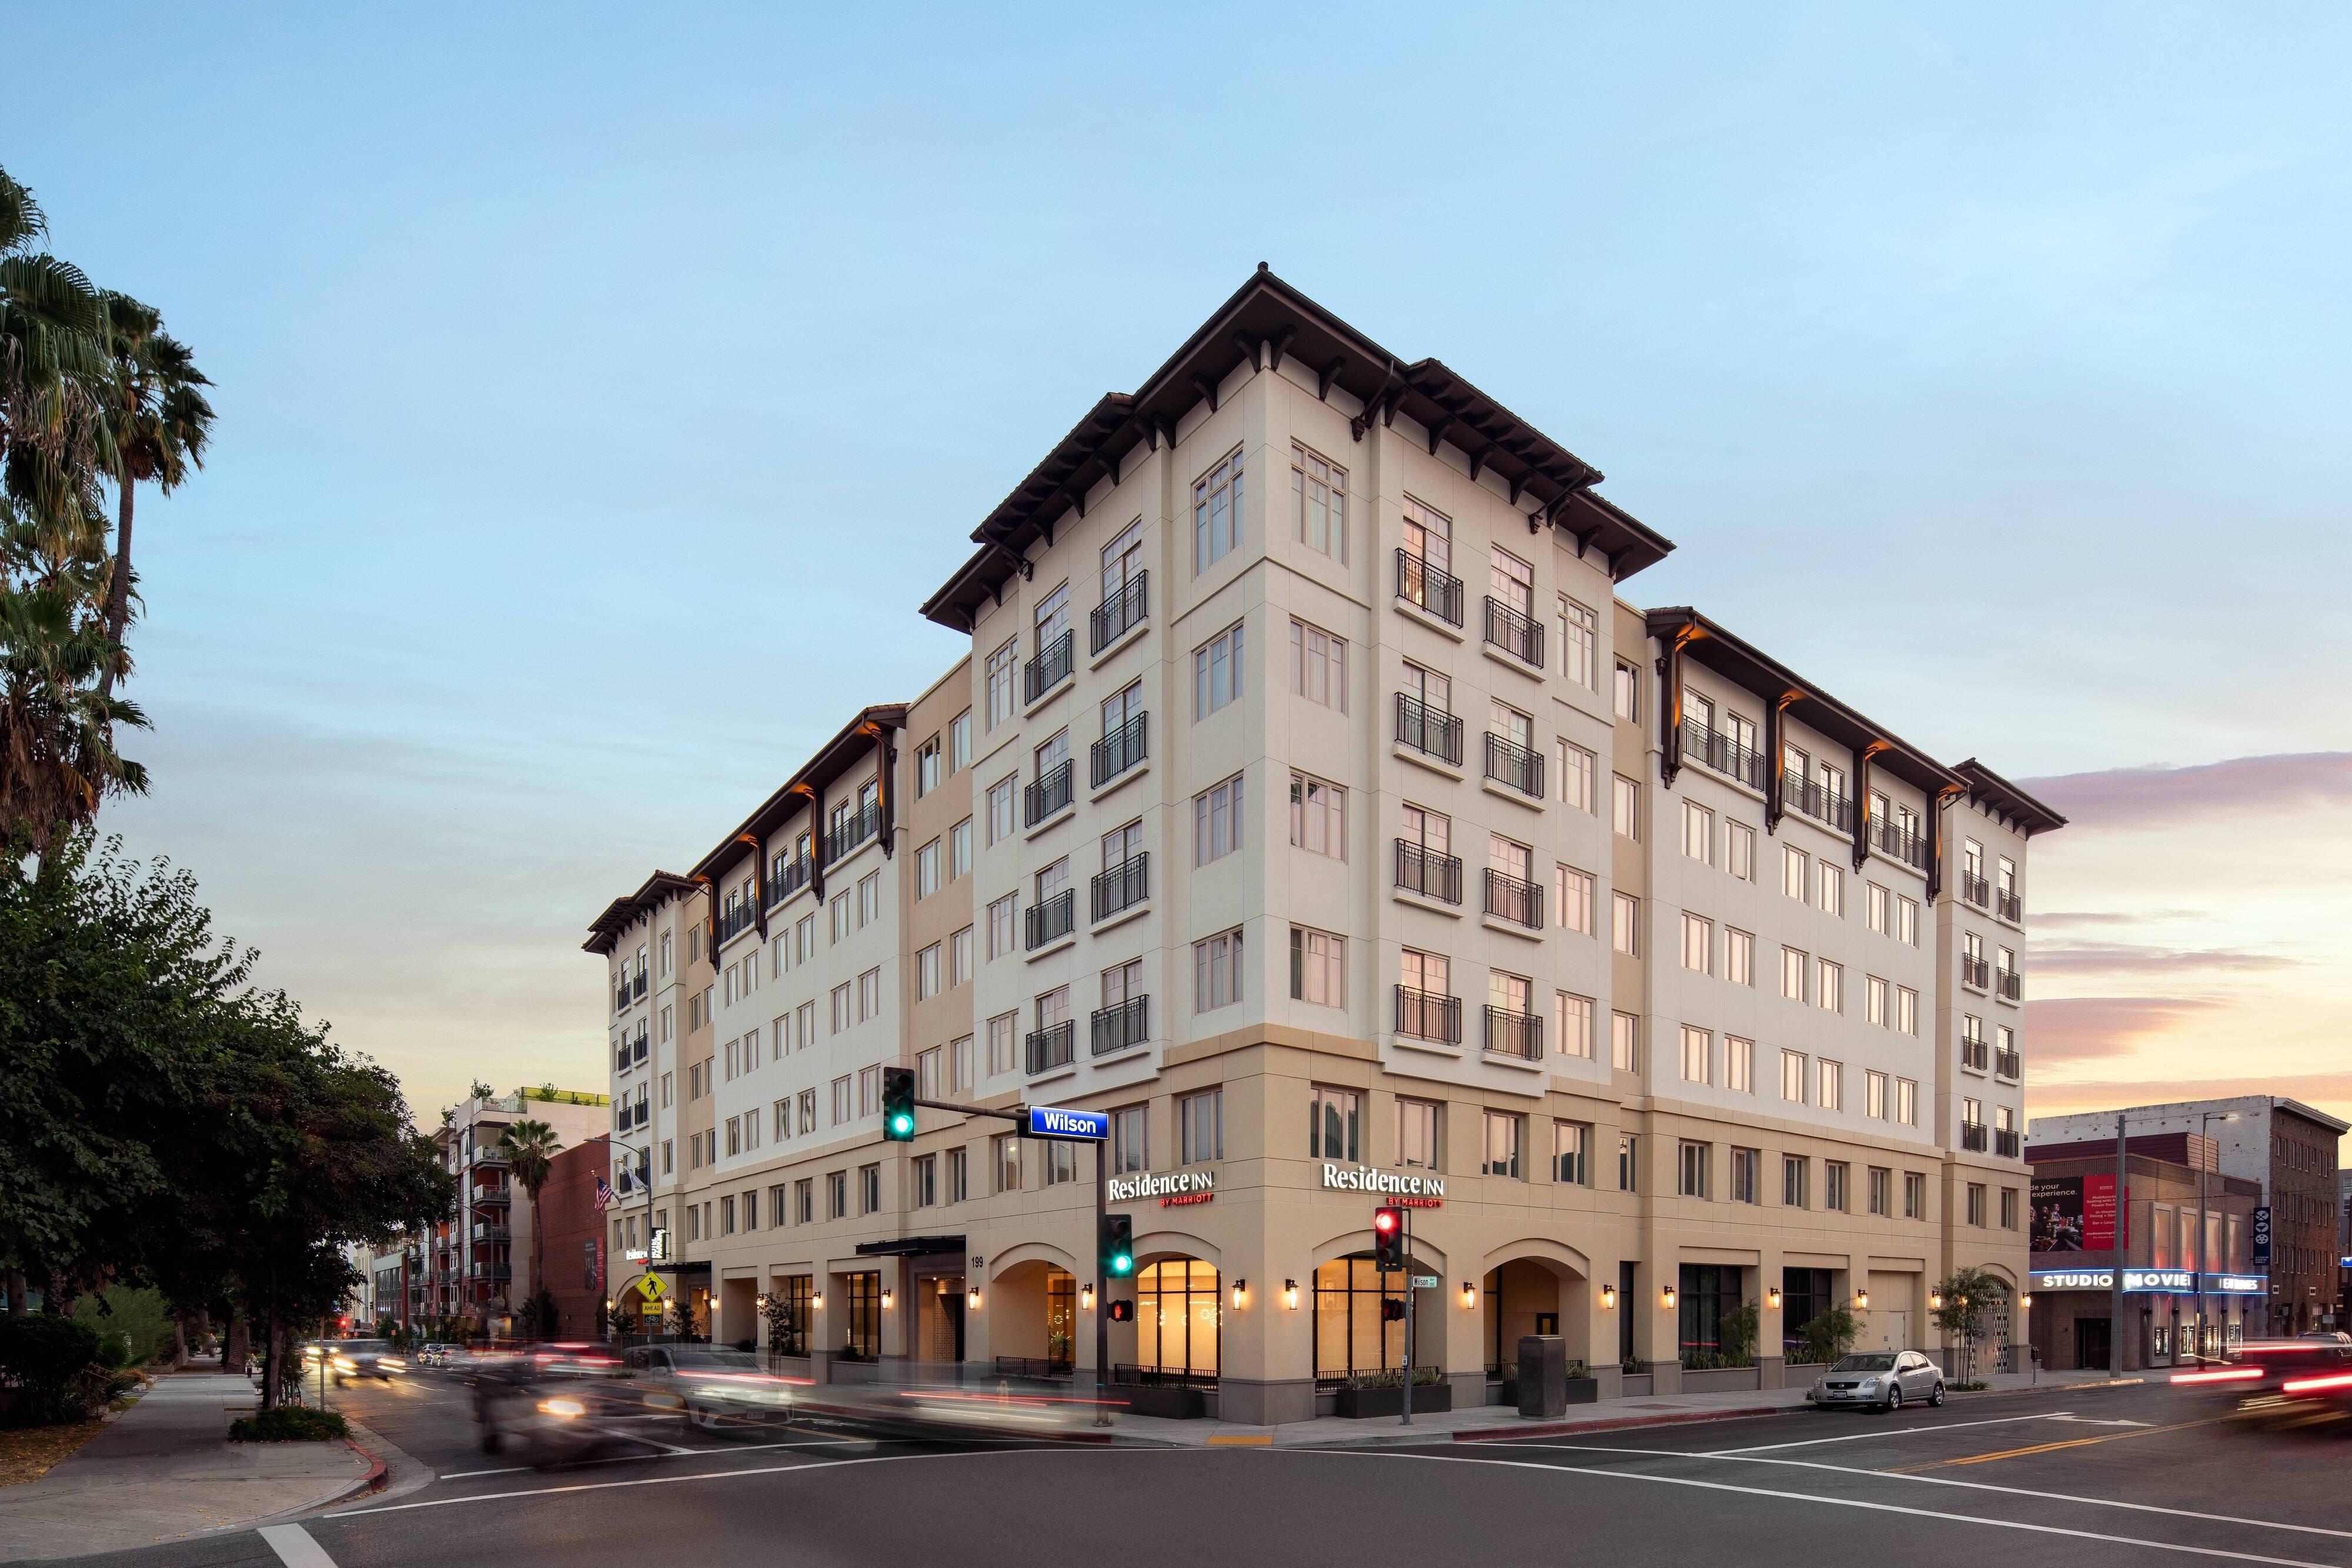 Residence Inn Los Angeles Glendale